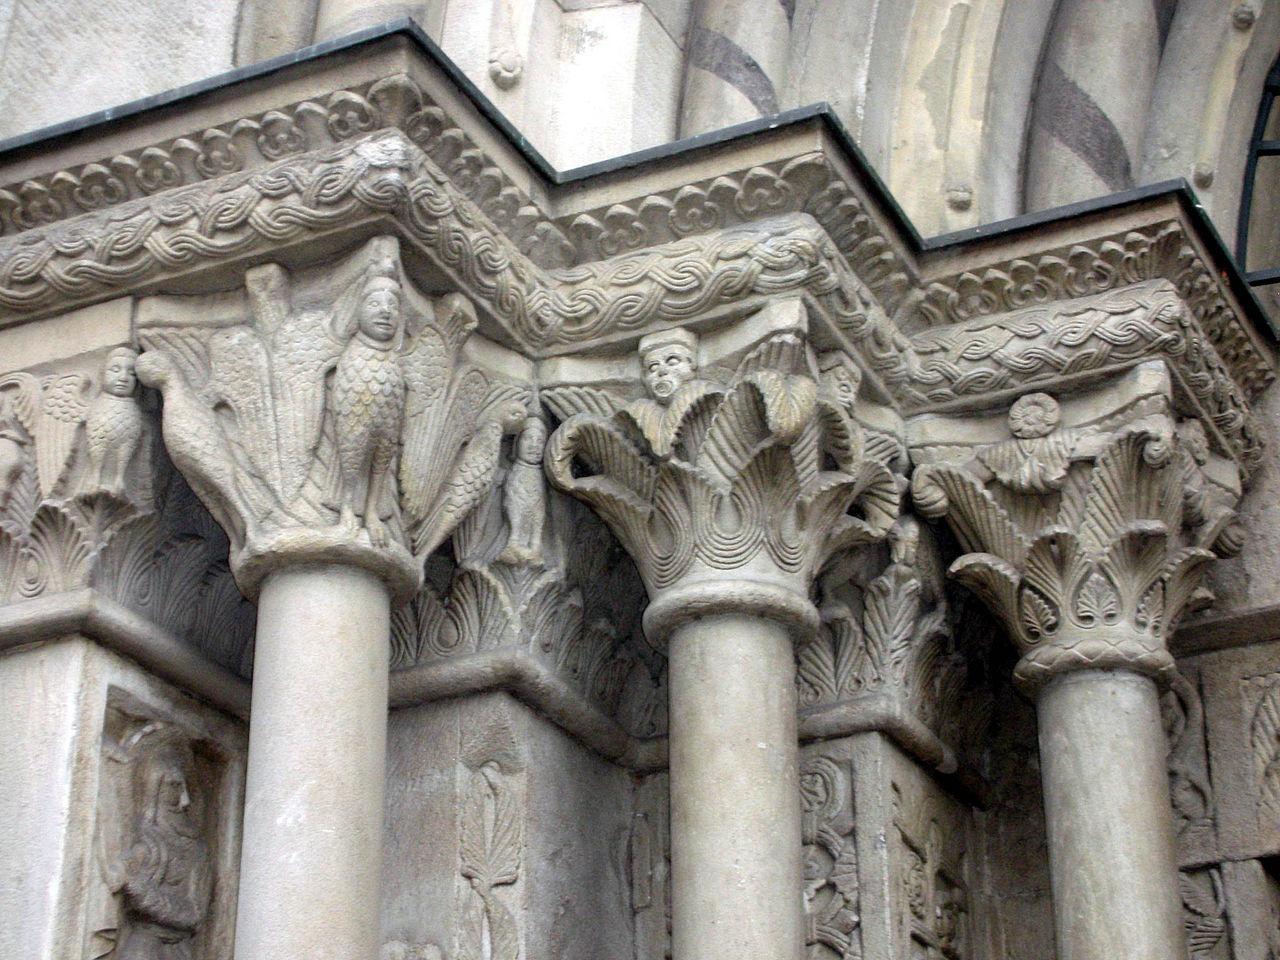 โบสถ์กรอสส์มึนซเตอร์-สวยงาม